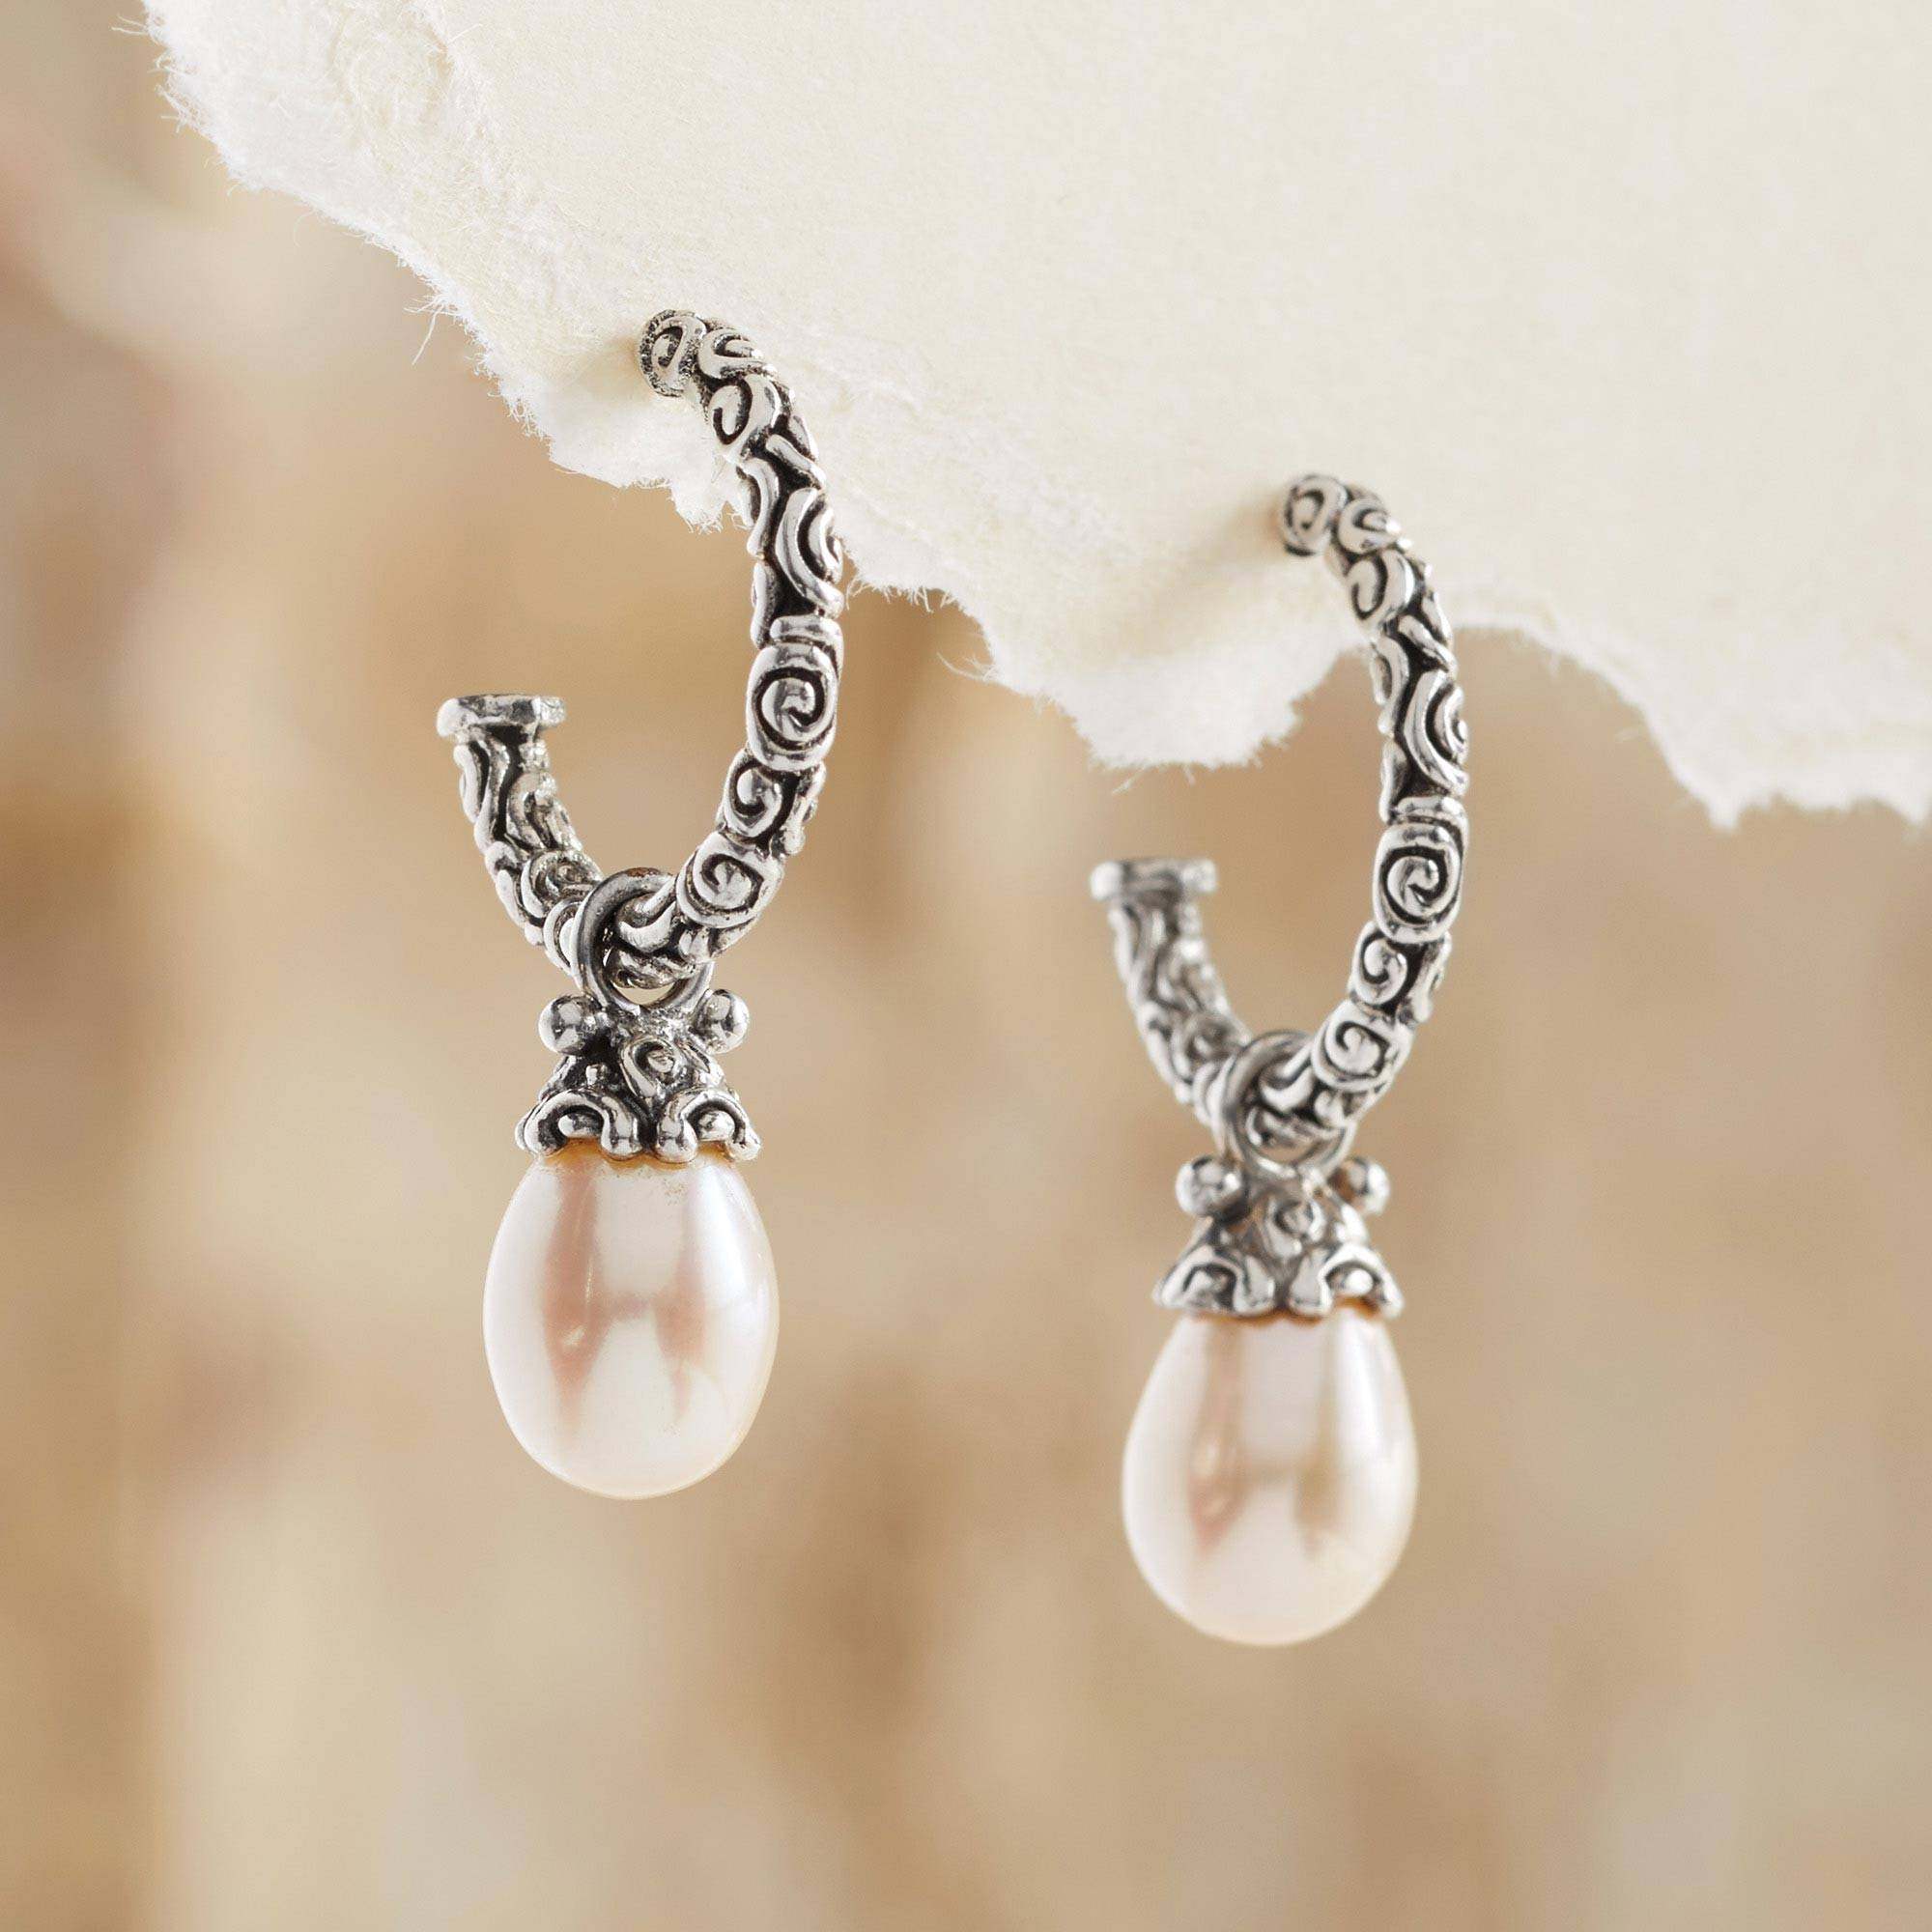 Earrings Guide 'Blushing Rose' Sterling Silver Cultured Pearl Half Hoop Earrings